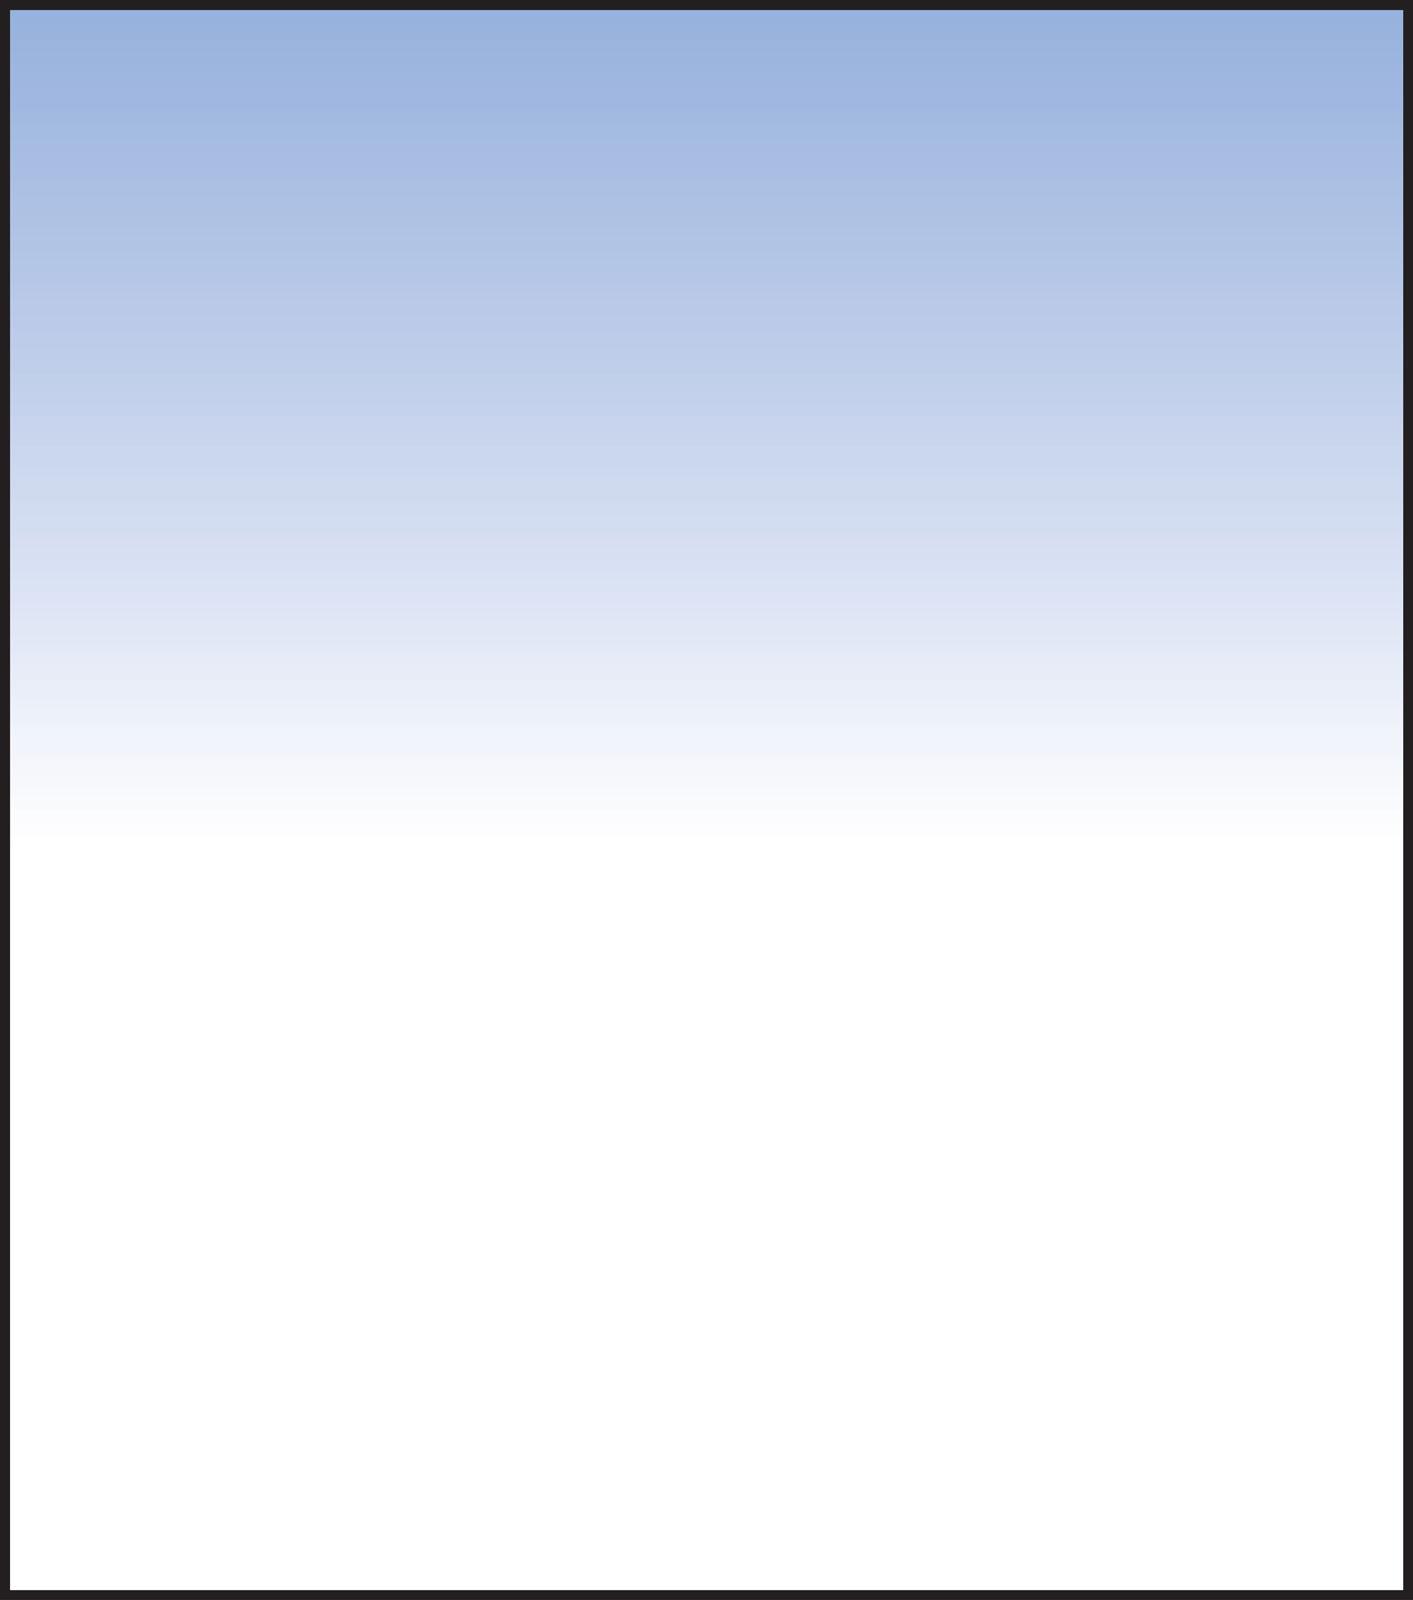 SW150-Sky-Blue-2-Soft-Grad